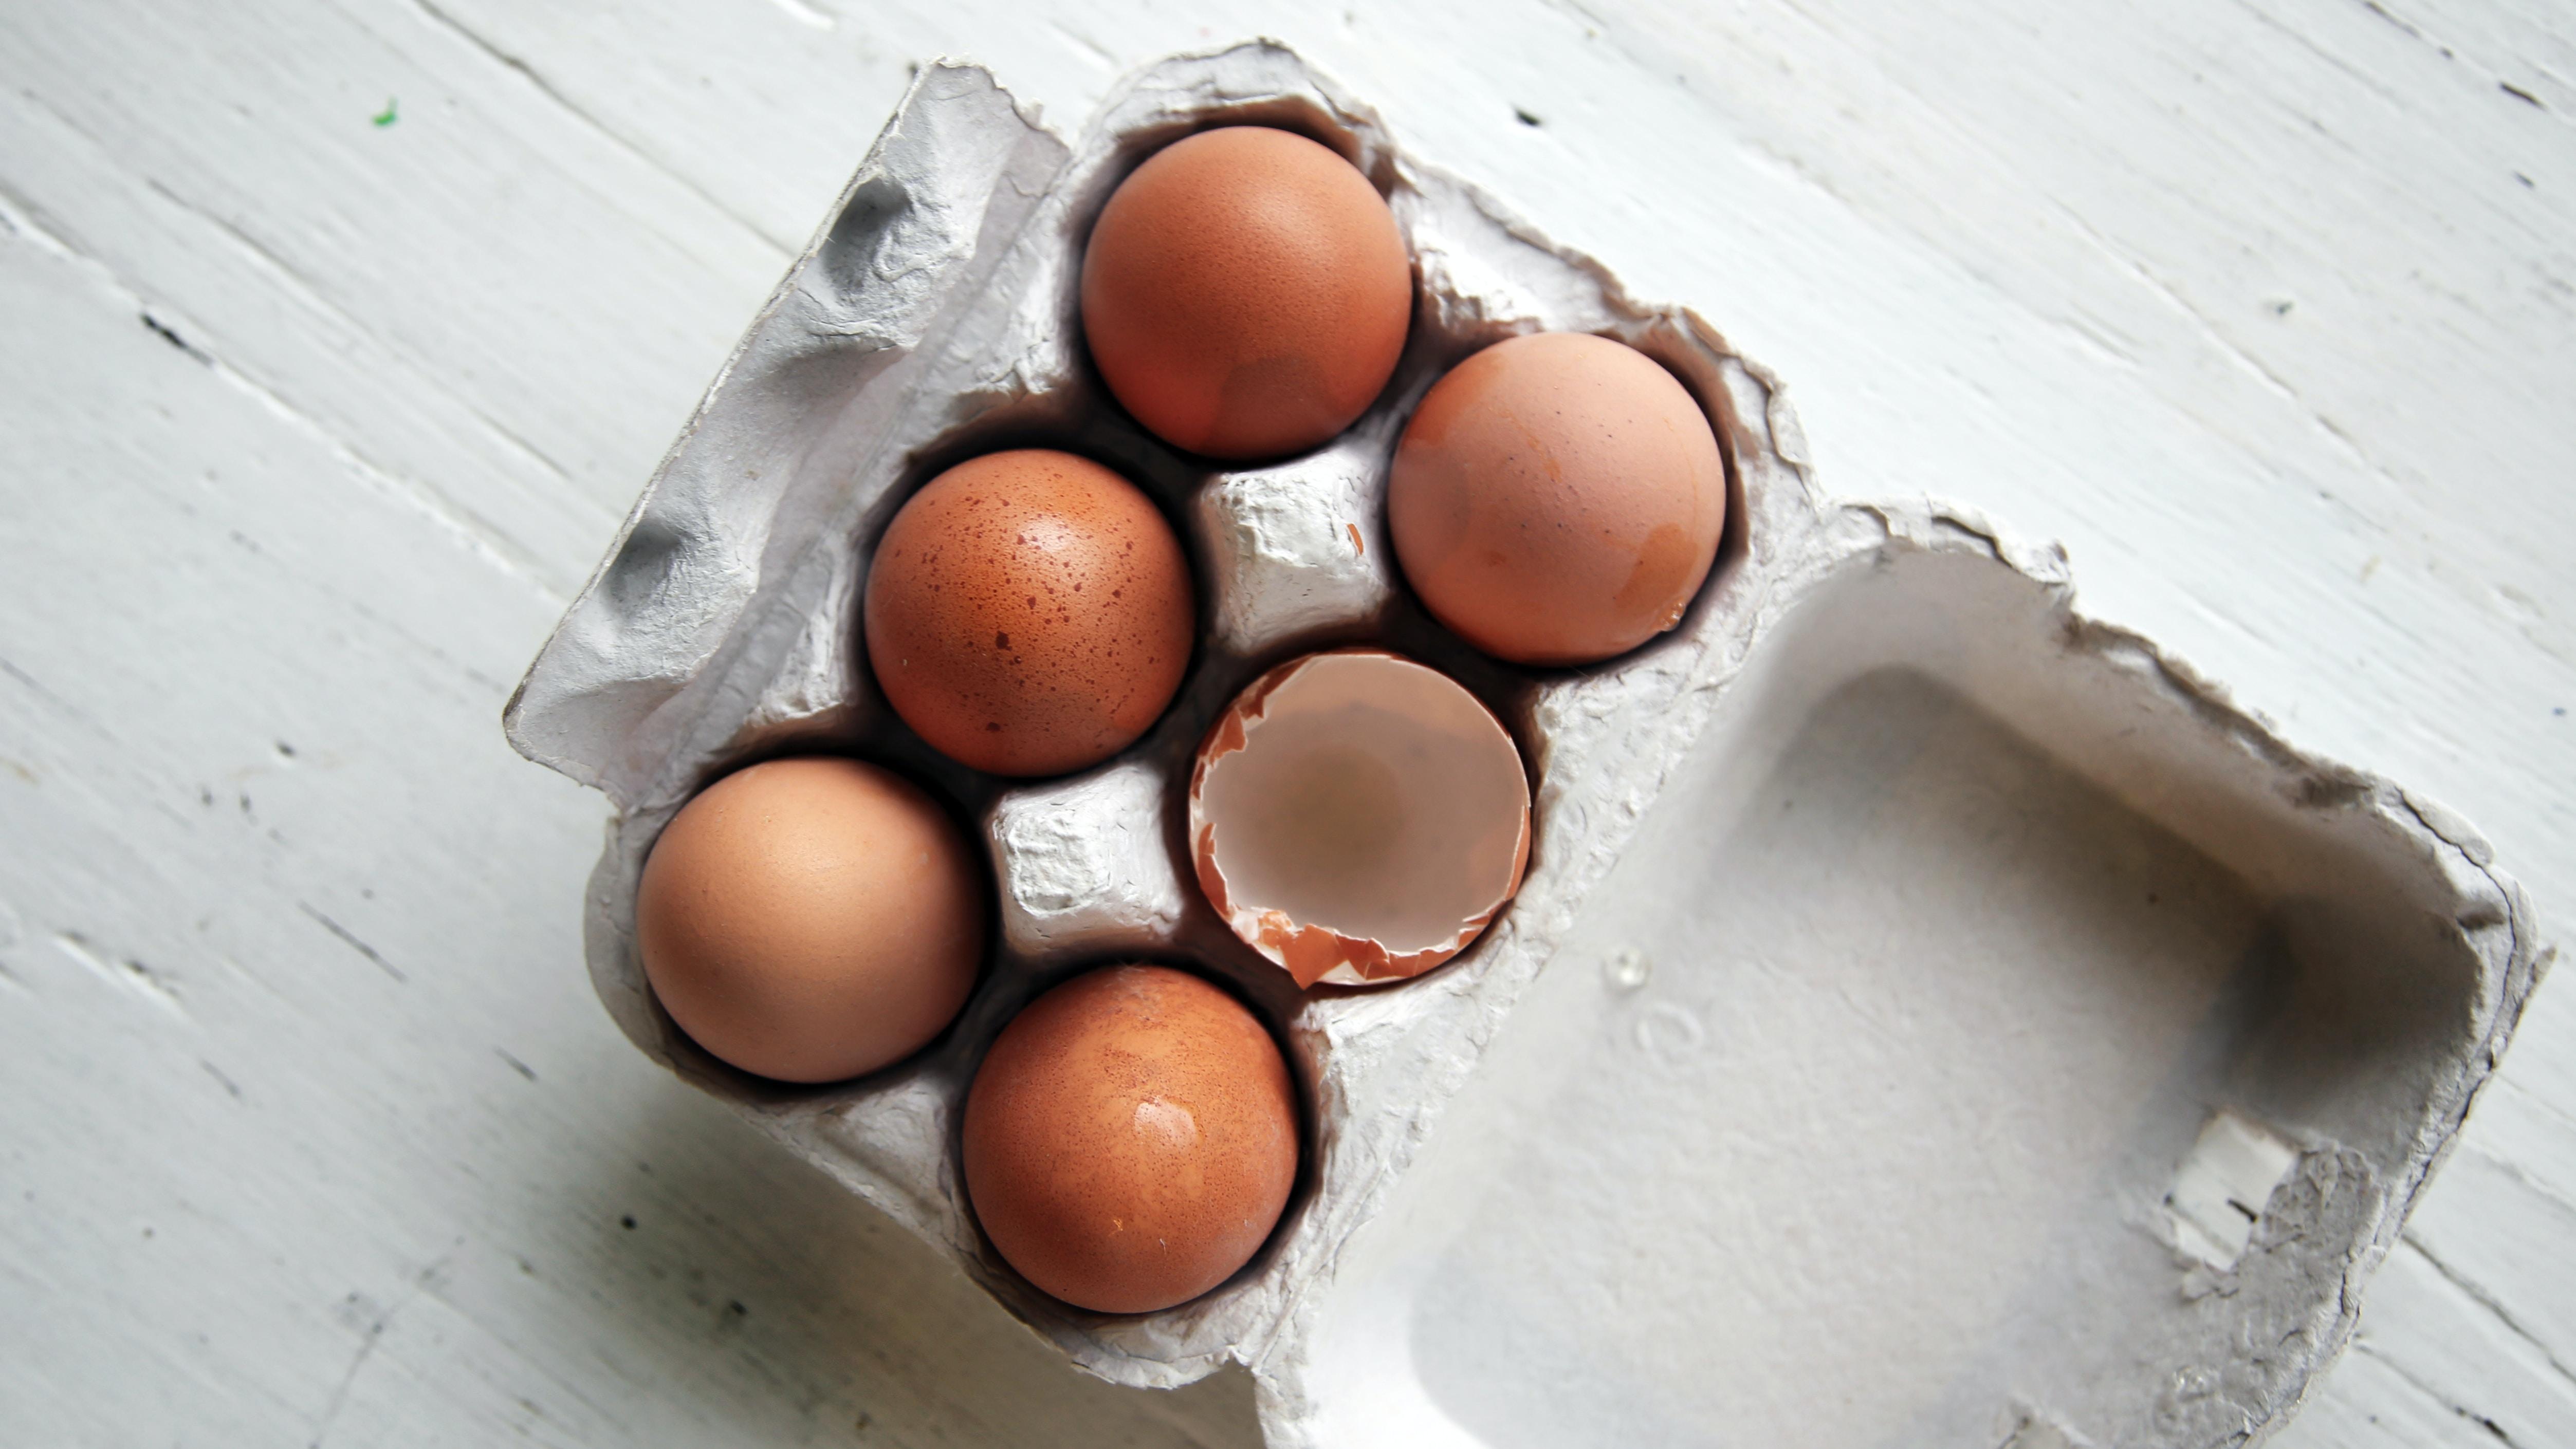 Half dozen fresh brown eggs in a carton